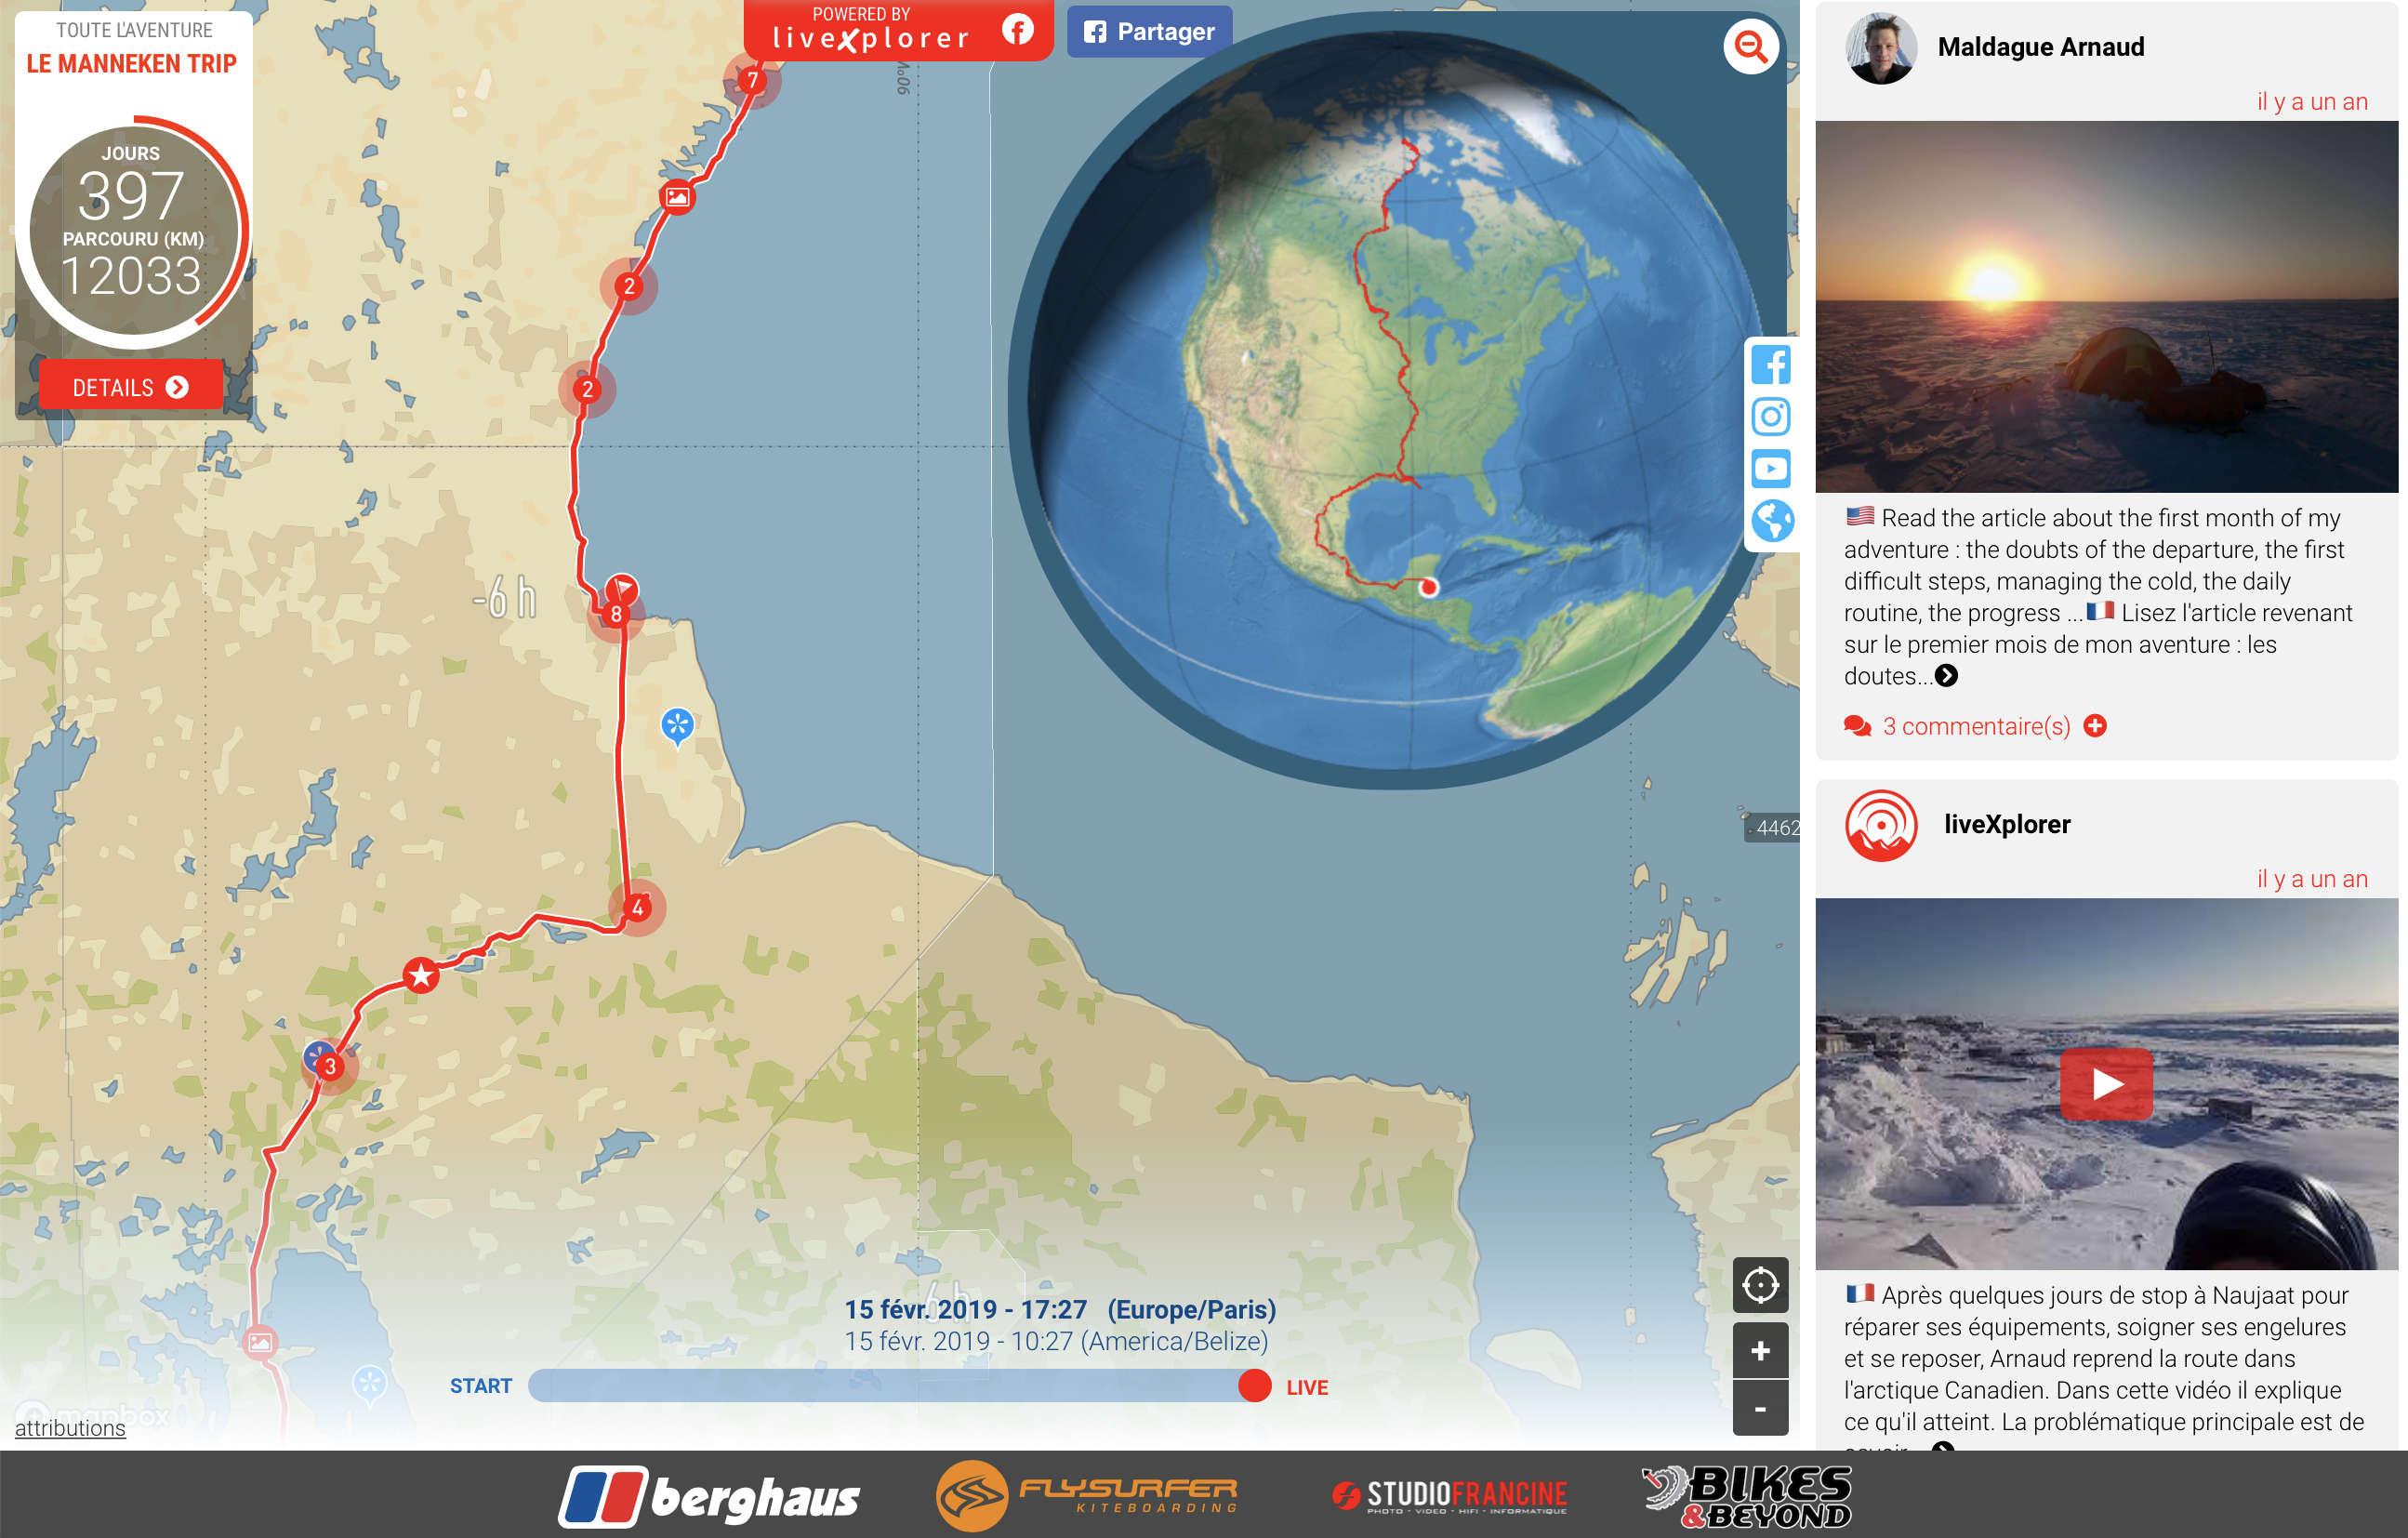 Equipé d'un tracker GPS et d'un terminal de connexion à internet par satellite, le jeune aventurier belge Arnaud Maldague à partagé en temps réel sa traversée du grand nord Canadien pendant plusieurs mois